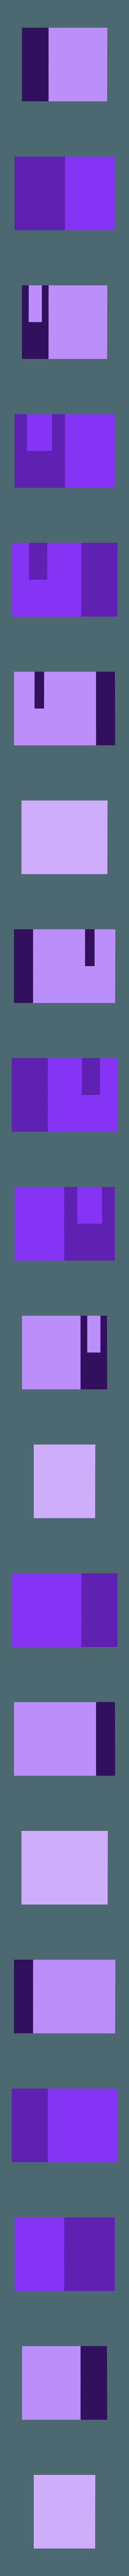 MODEL07.stl Télécharger fichier STL gratuit Exemple de dessin technique 07 • Objet pour impression 3D, murbay52